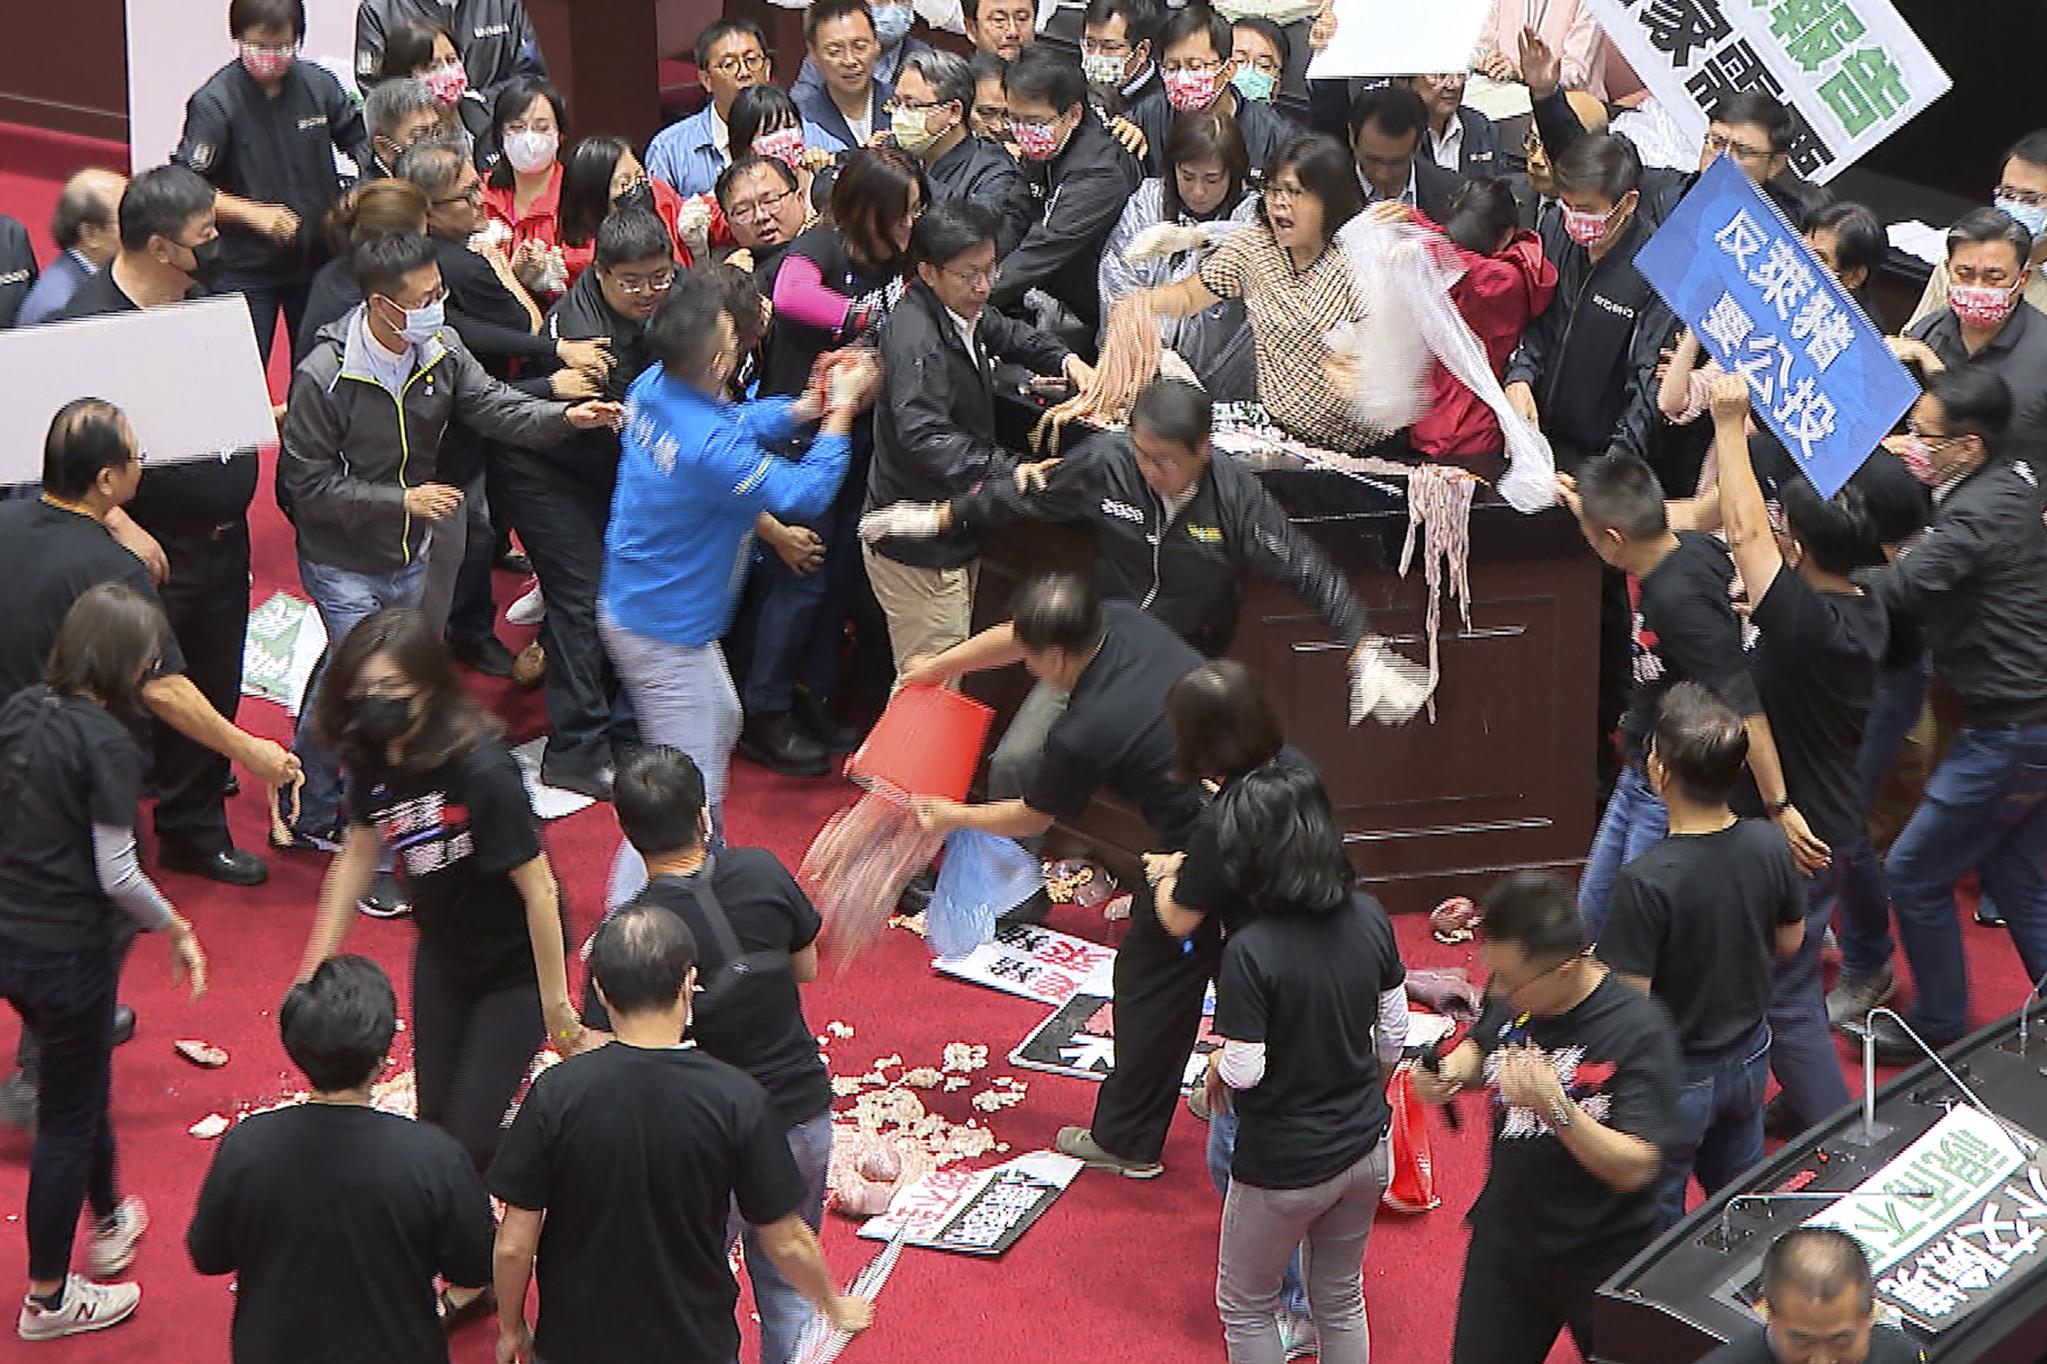 27일 대만 여야 의원들이 타이베이에서 열린 의회 회기 중 충돌하고 있다. AP=뉴시스